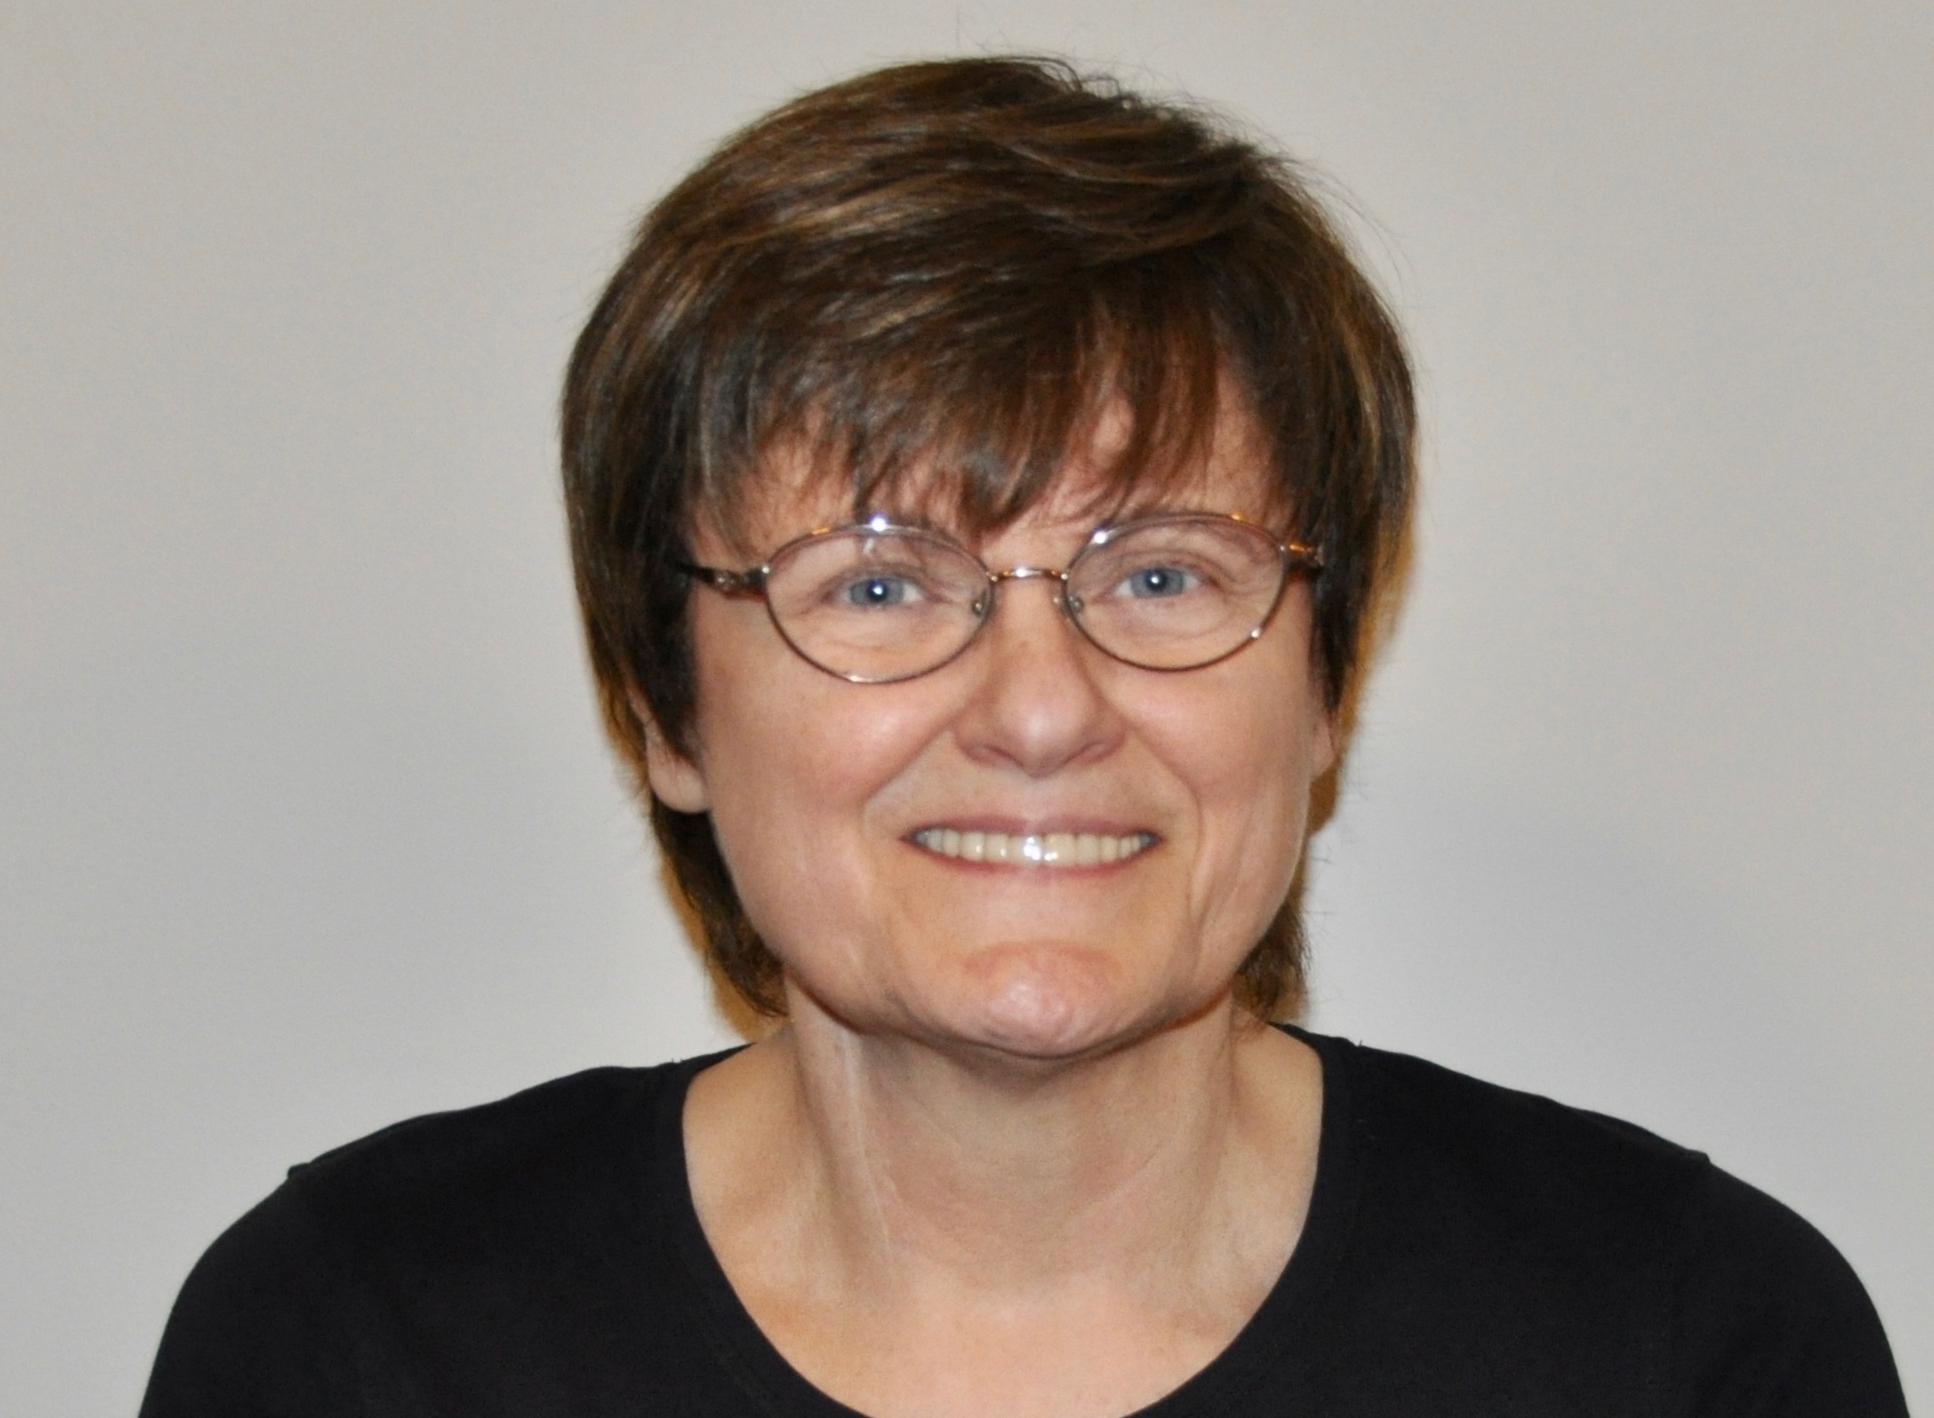 SARA MILLER MCCUNE